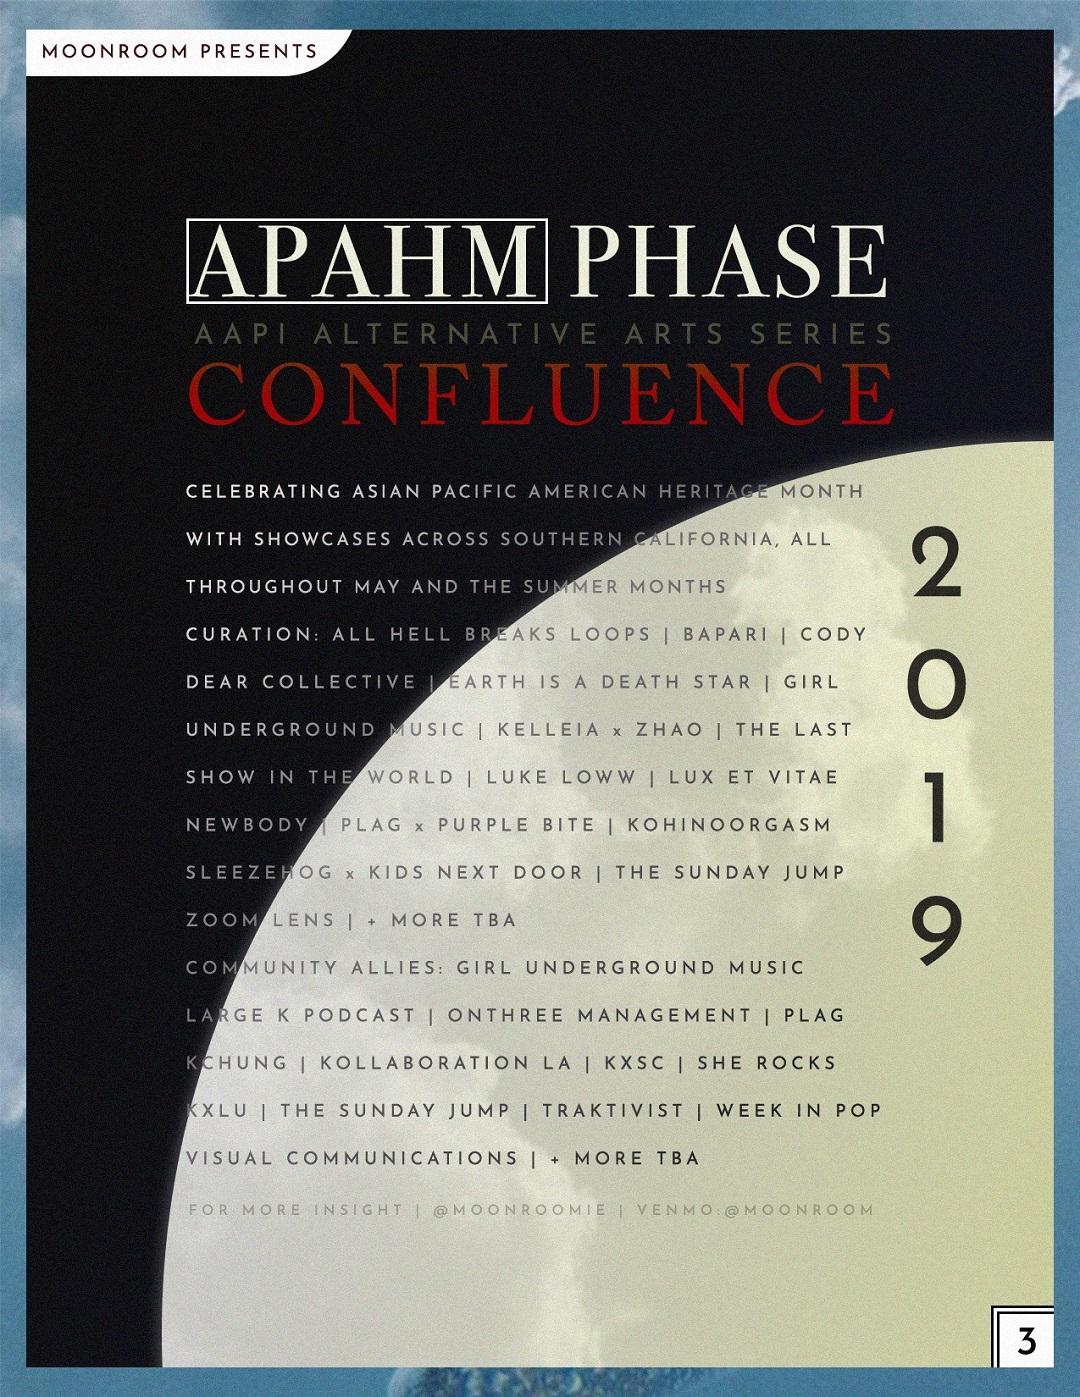 apham phase 2019 2 week in pop.jpg